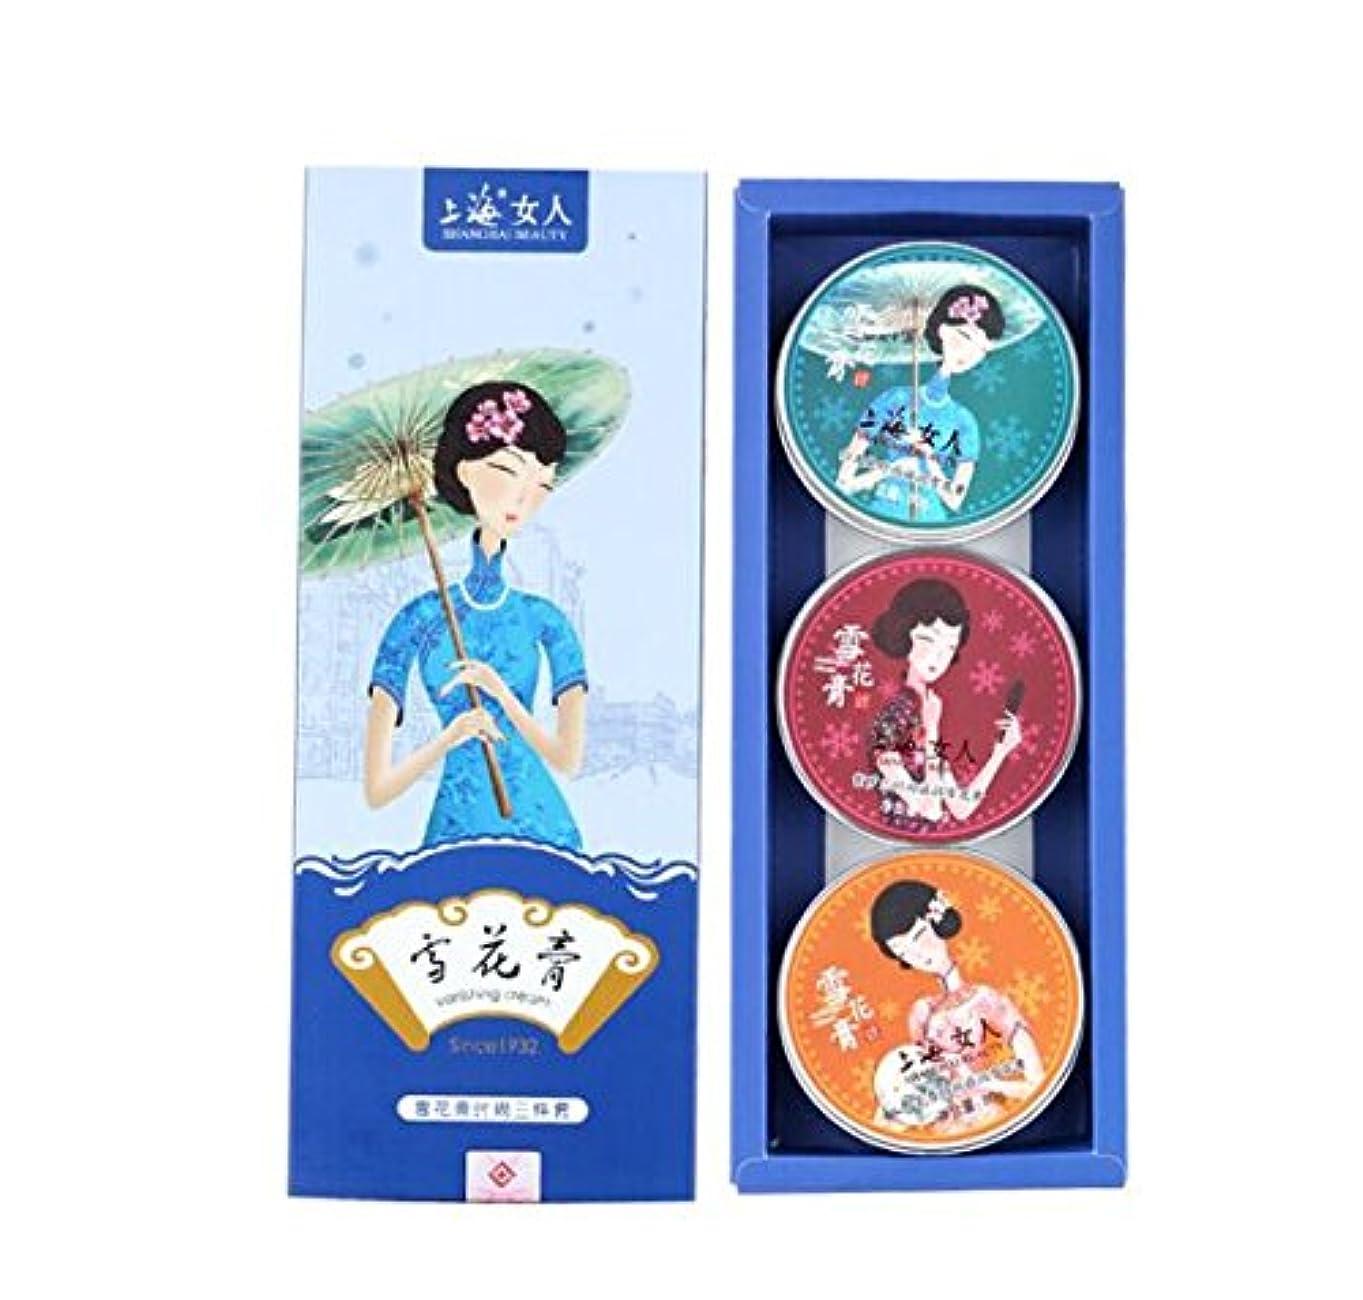 サスティーン味わうタンク[オピニオン]中国製の化粧品上海の女性80g*3